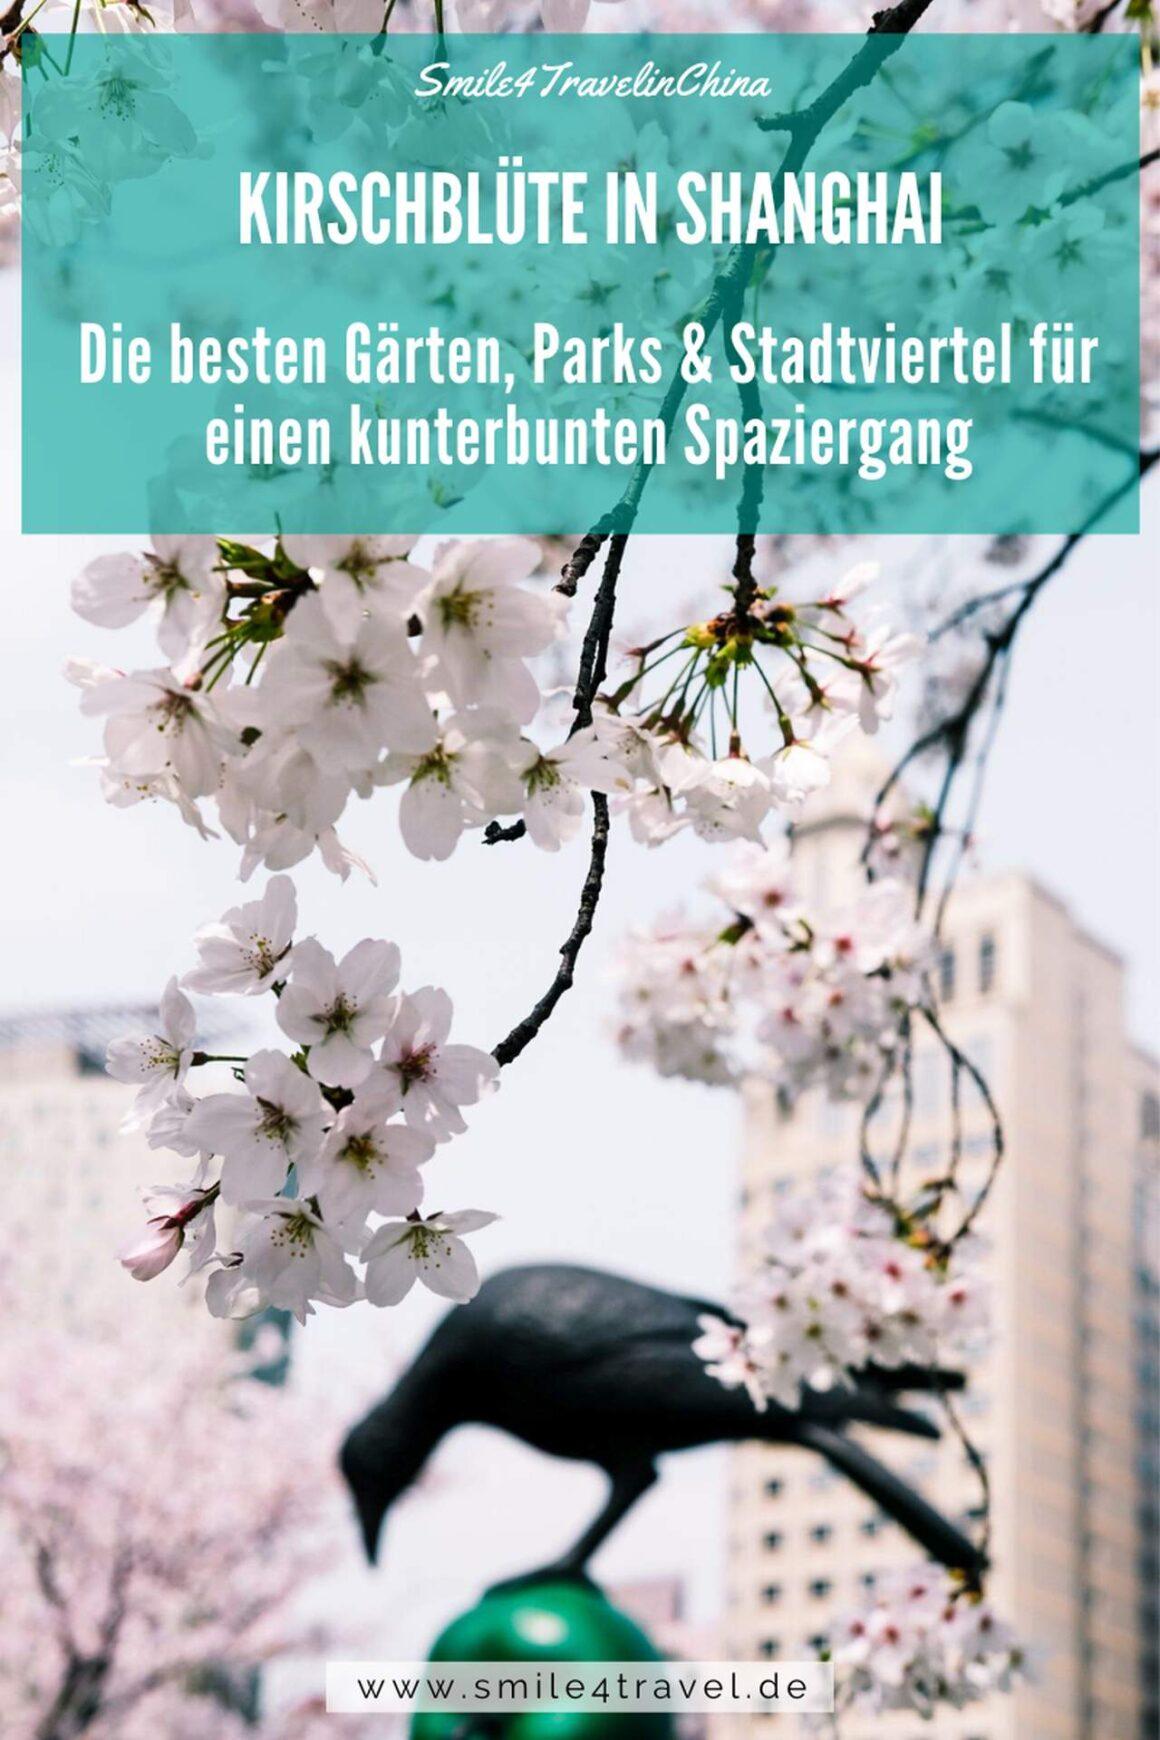 Shanghai's beste Parks zur Kirschblüte